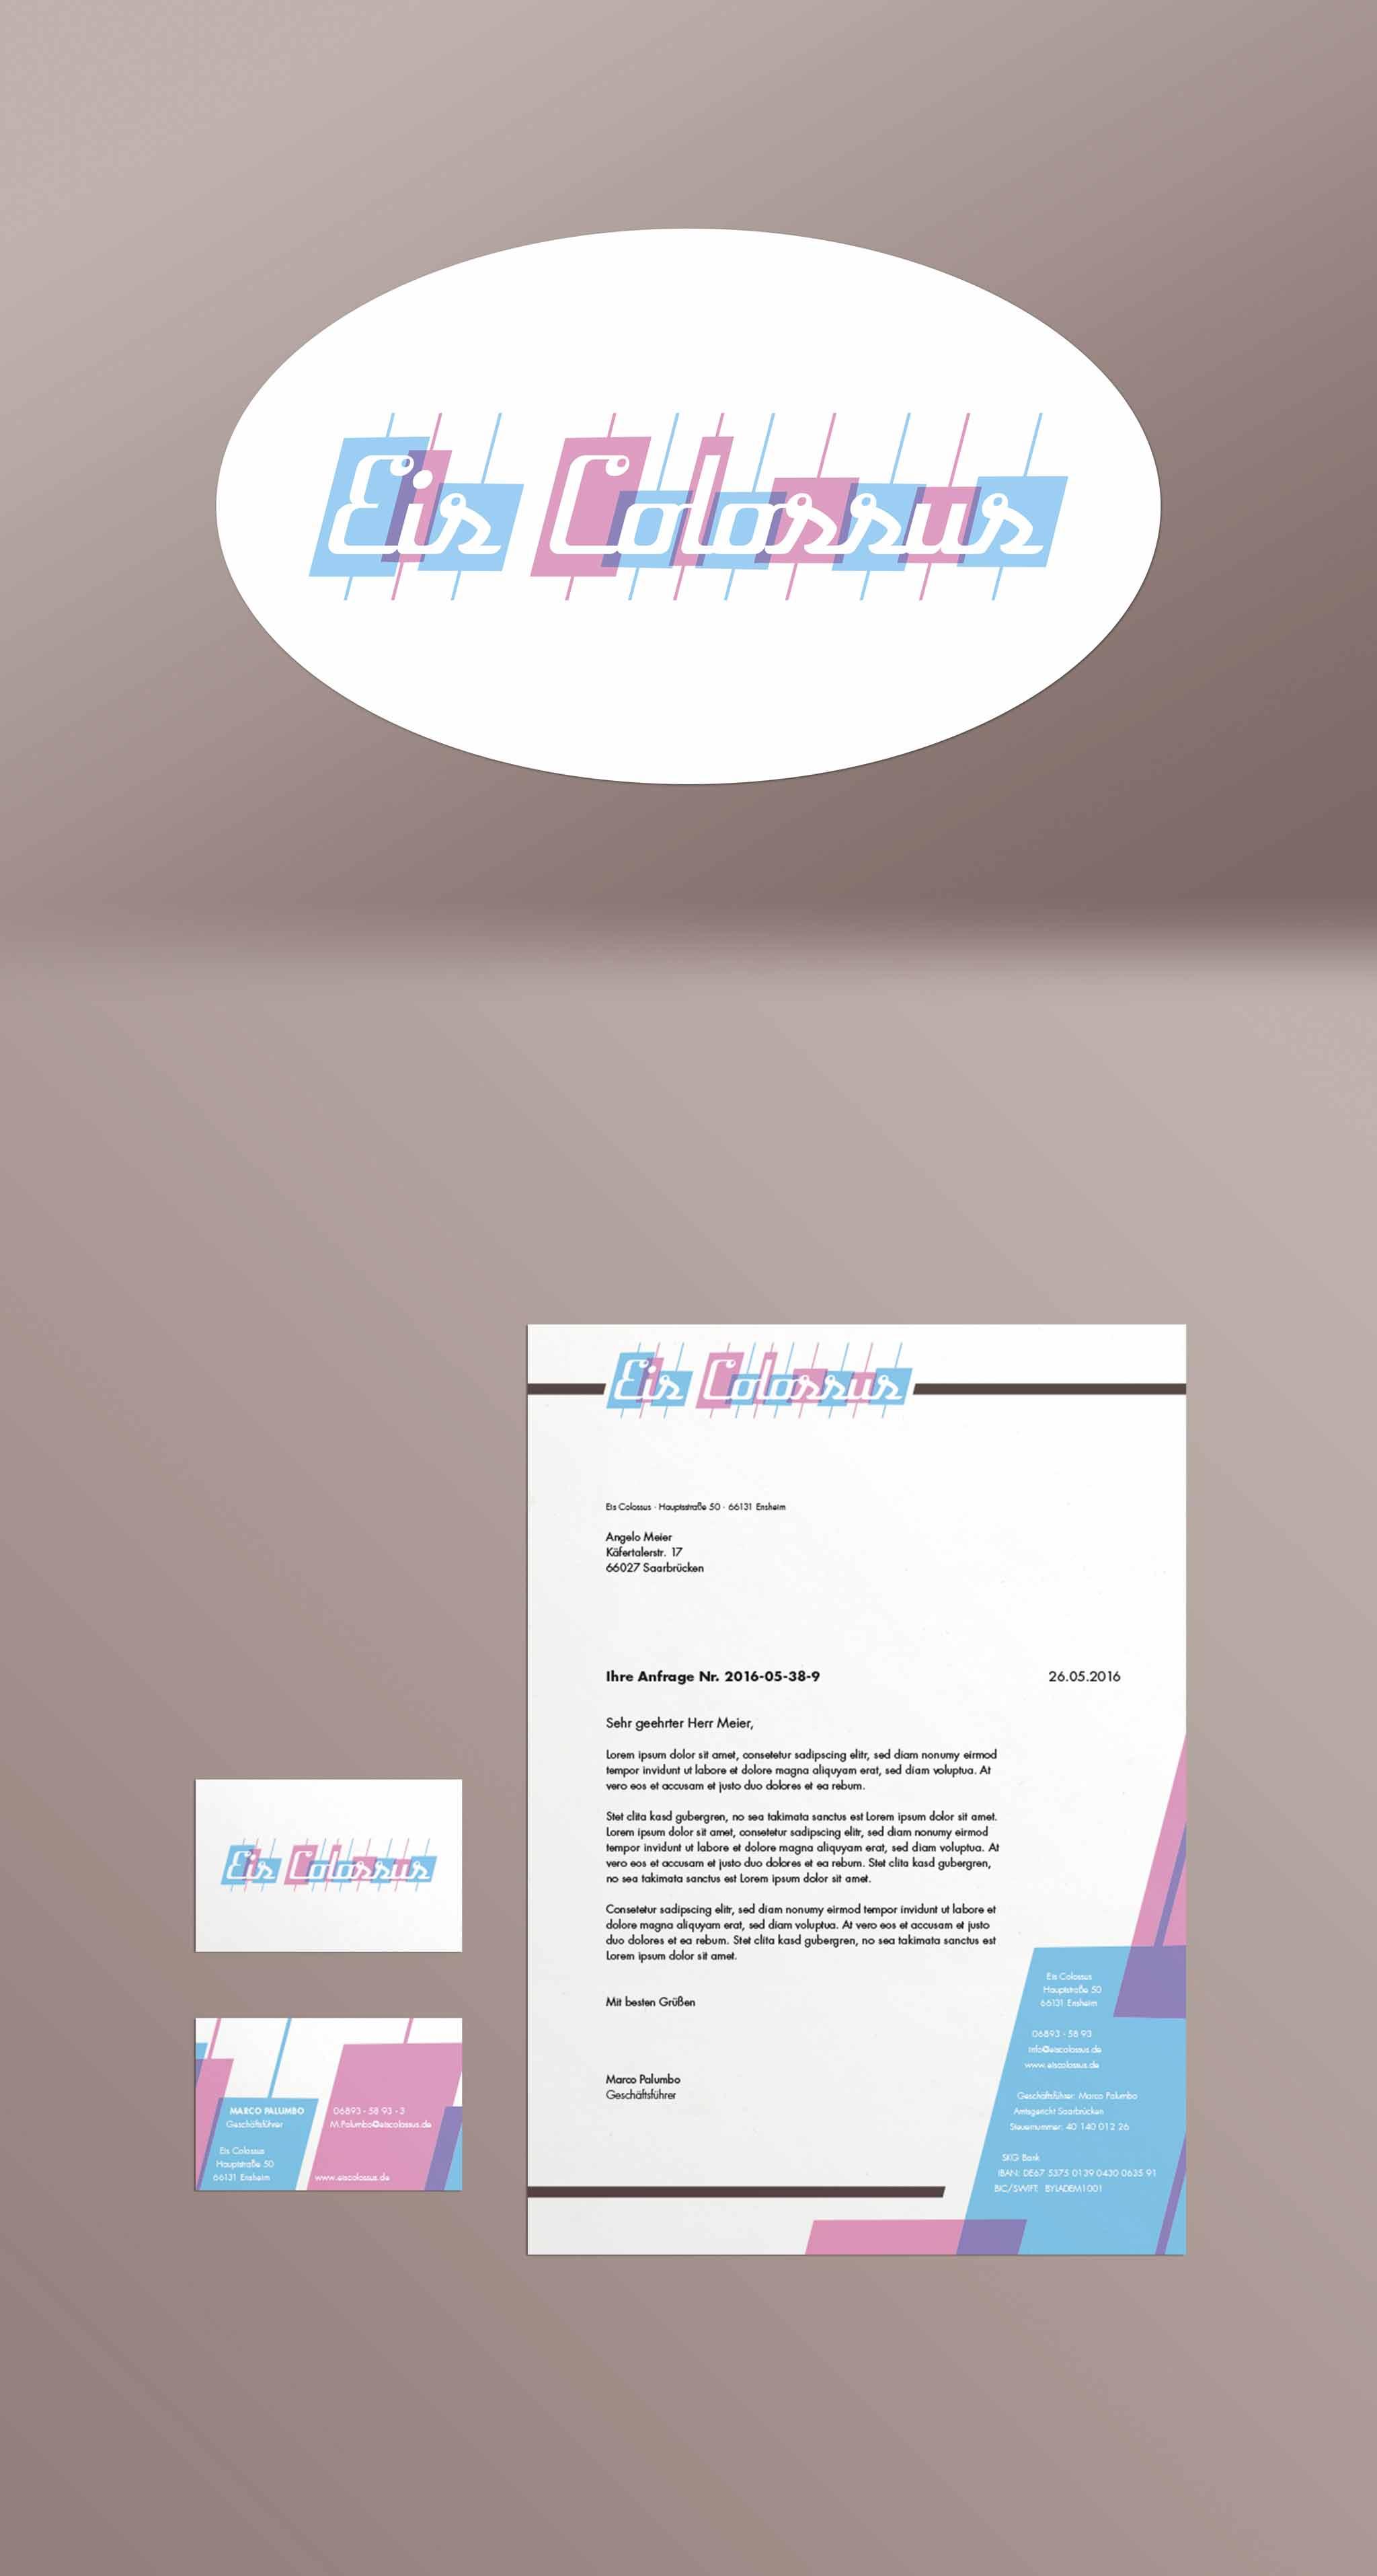 Eis Colossus Logo Visitenkarte Geschäftsbrief Geschäftsausstattung Briefbogen Corporate Design Eiskarte Gesa Siebert Kommunikationsdesign